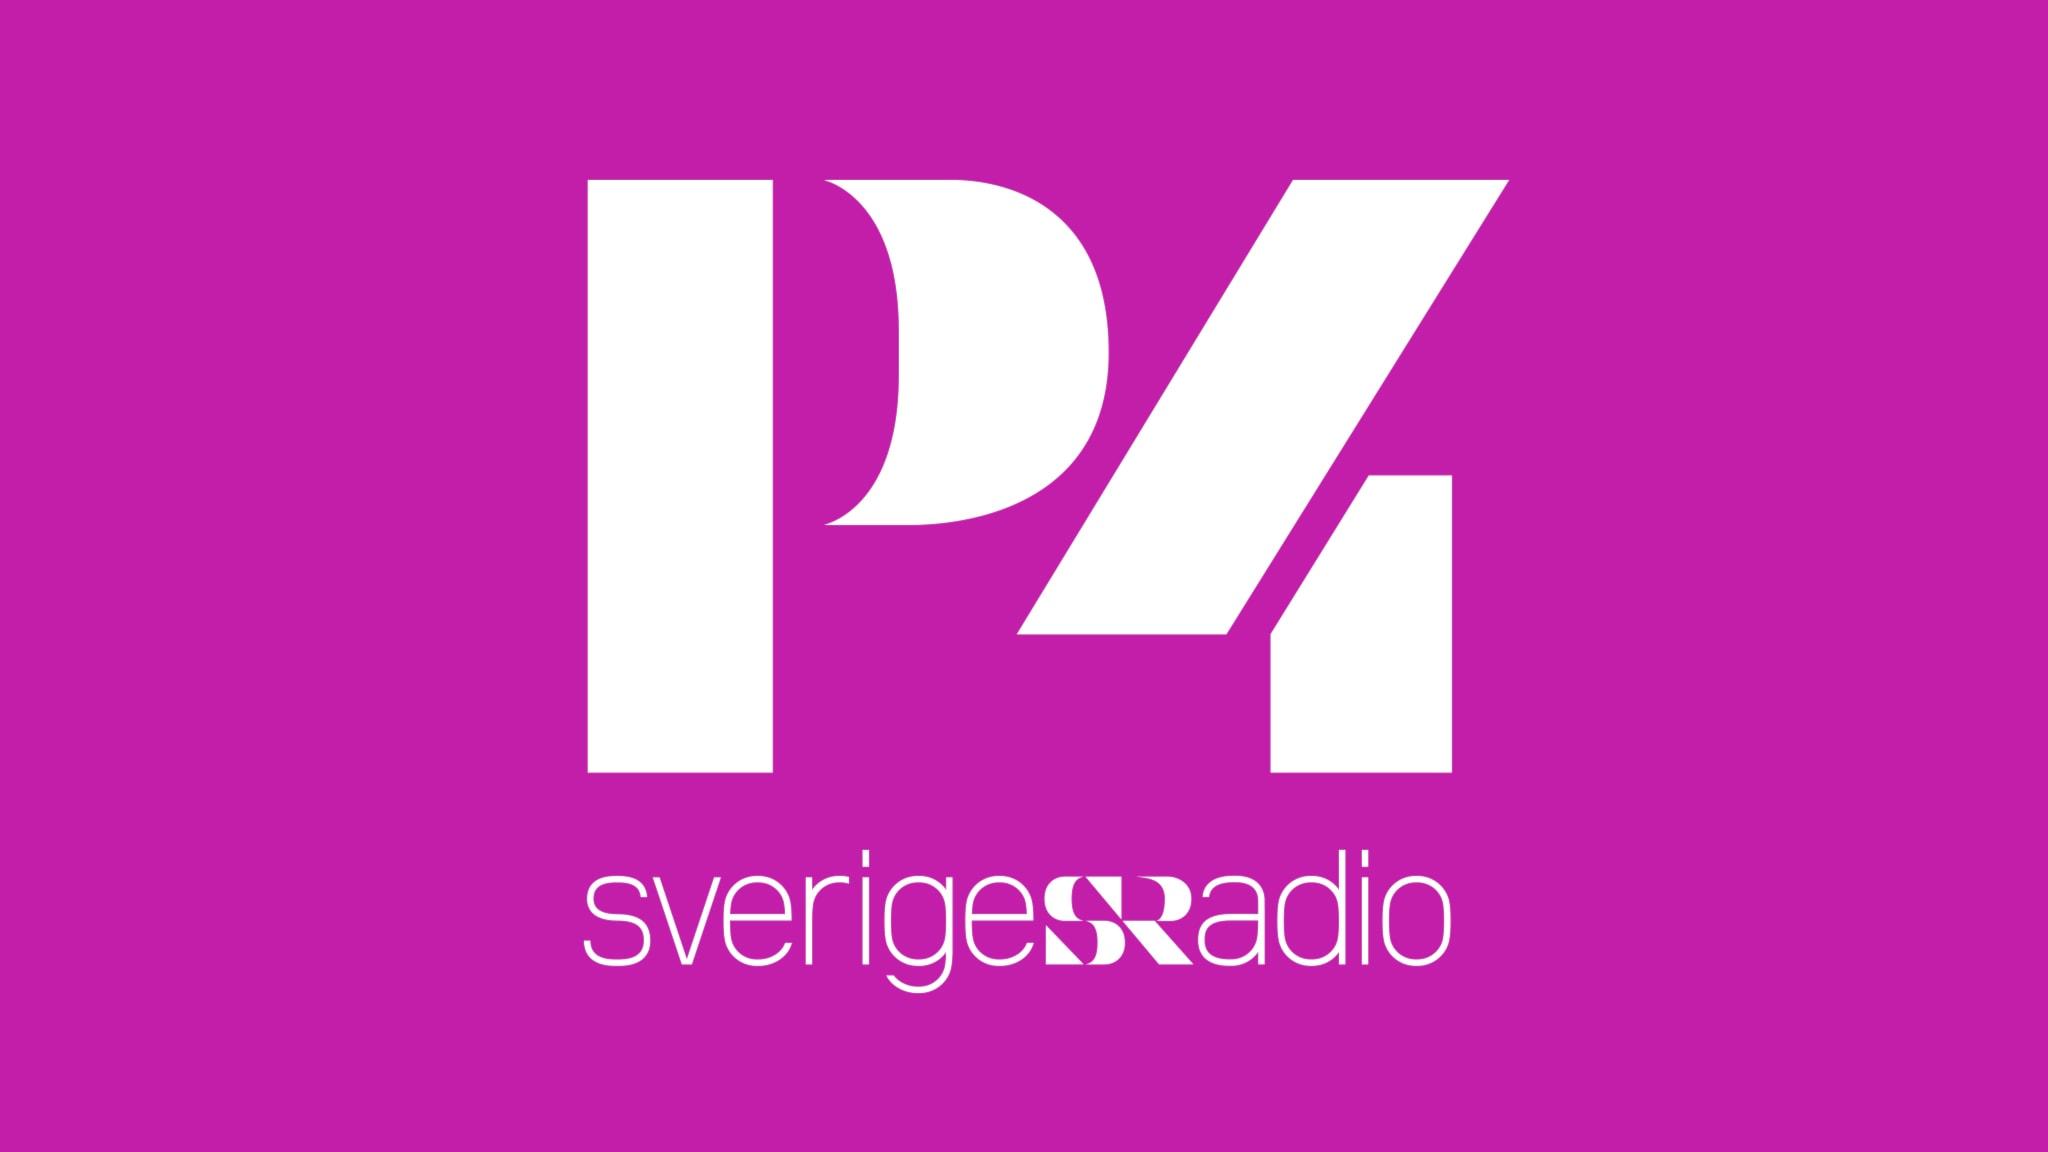 Trafik P4 Göteborg 20180928 18.04 (01.18)